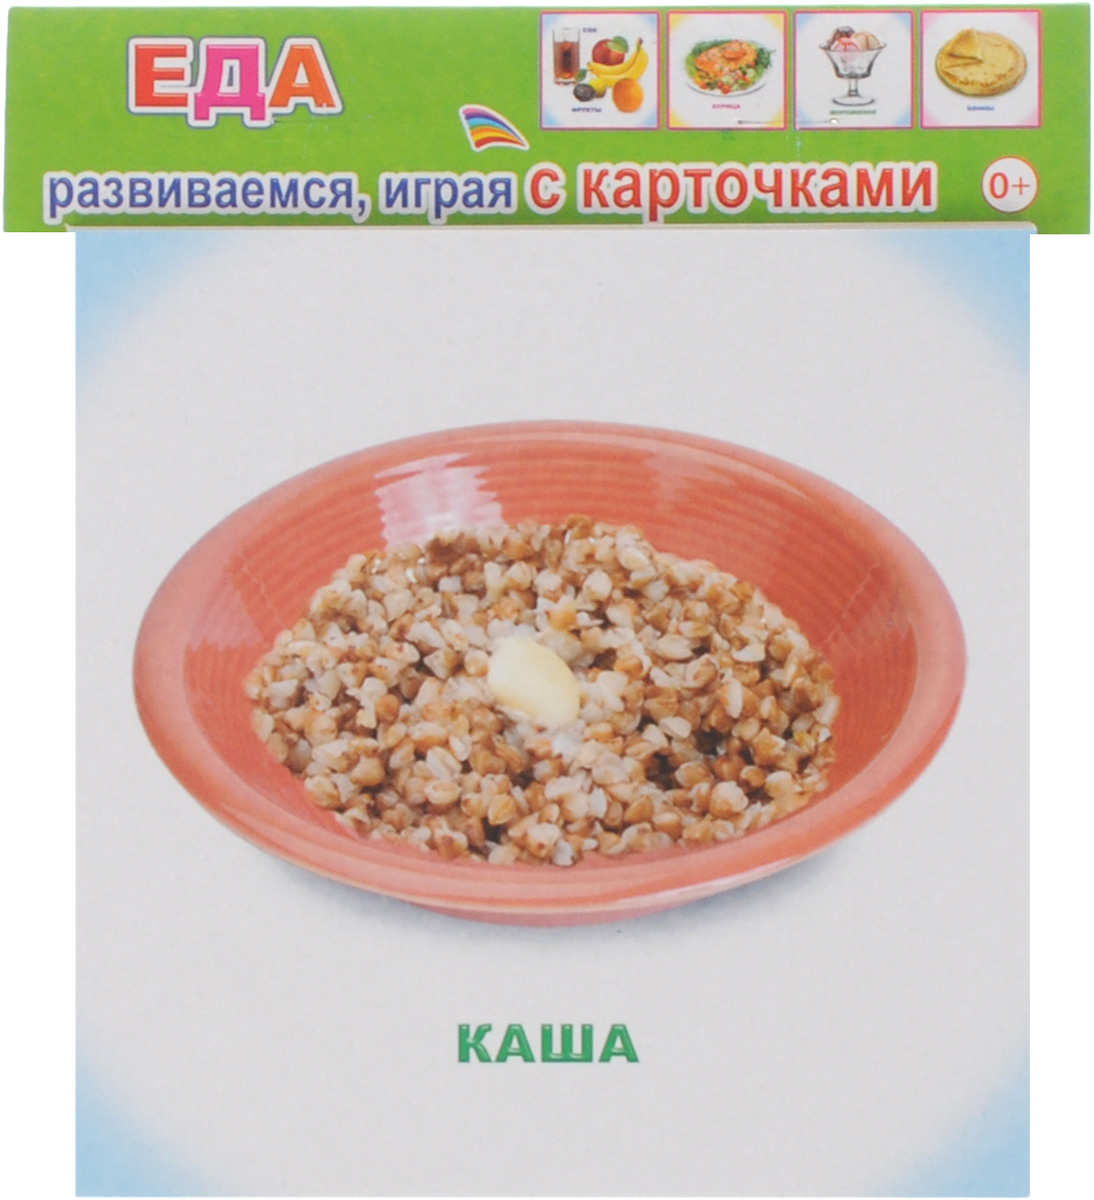 Алфея Обучающие карточки Еда еда и патроны полведра студёной крови